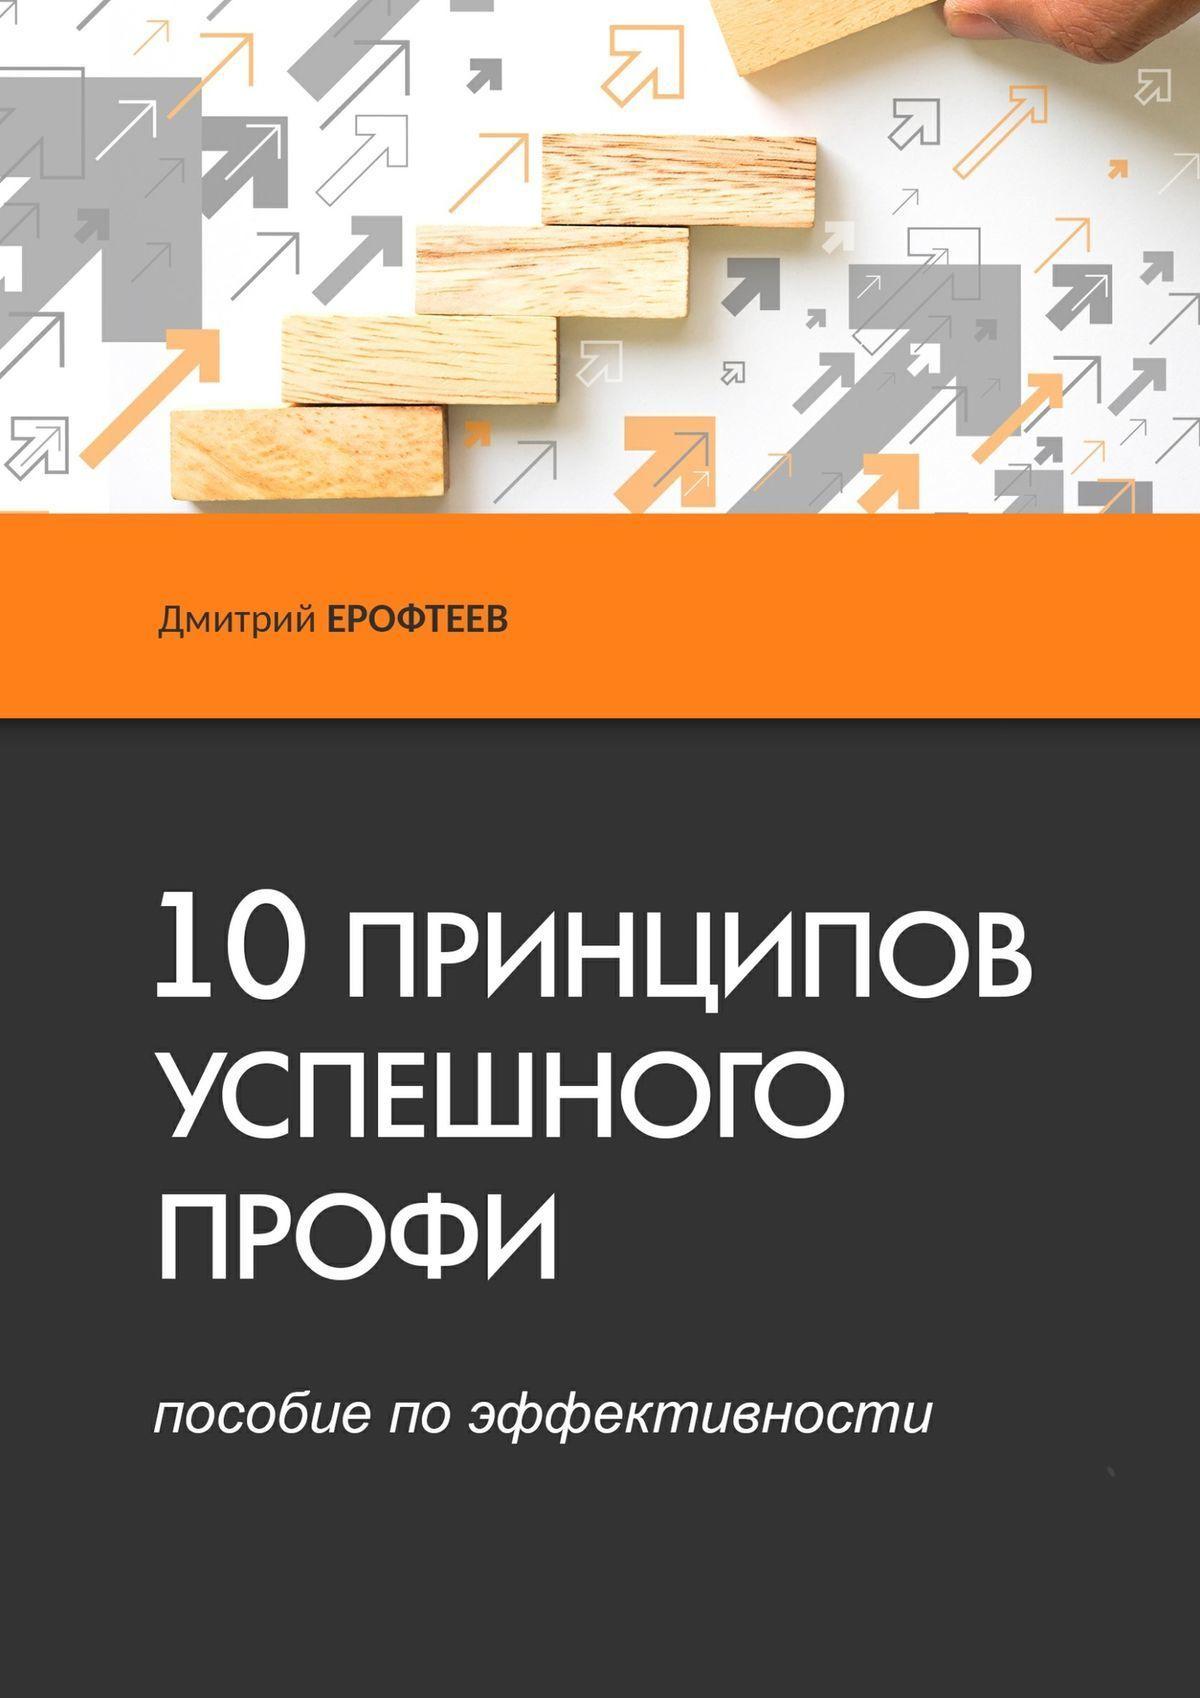 Дмитрий Ерофтеев бесплатно